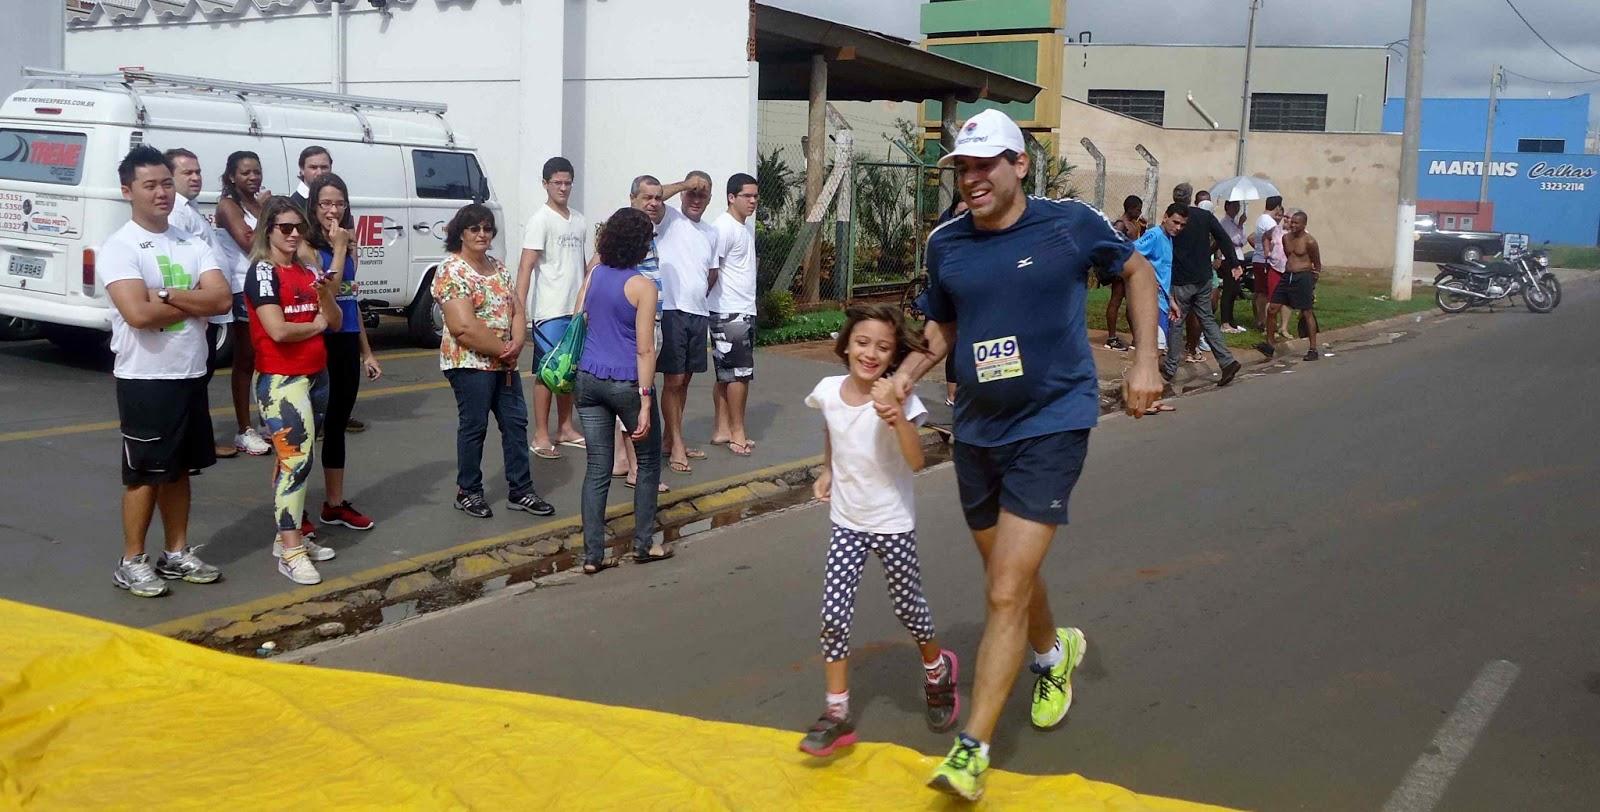 Foto 151 da 1ª Corrida Av. dos Coqueiros em Barretos-SP 14/04/2013 – Atletas cruzando a linha de chegada